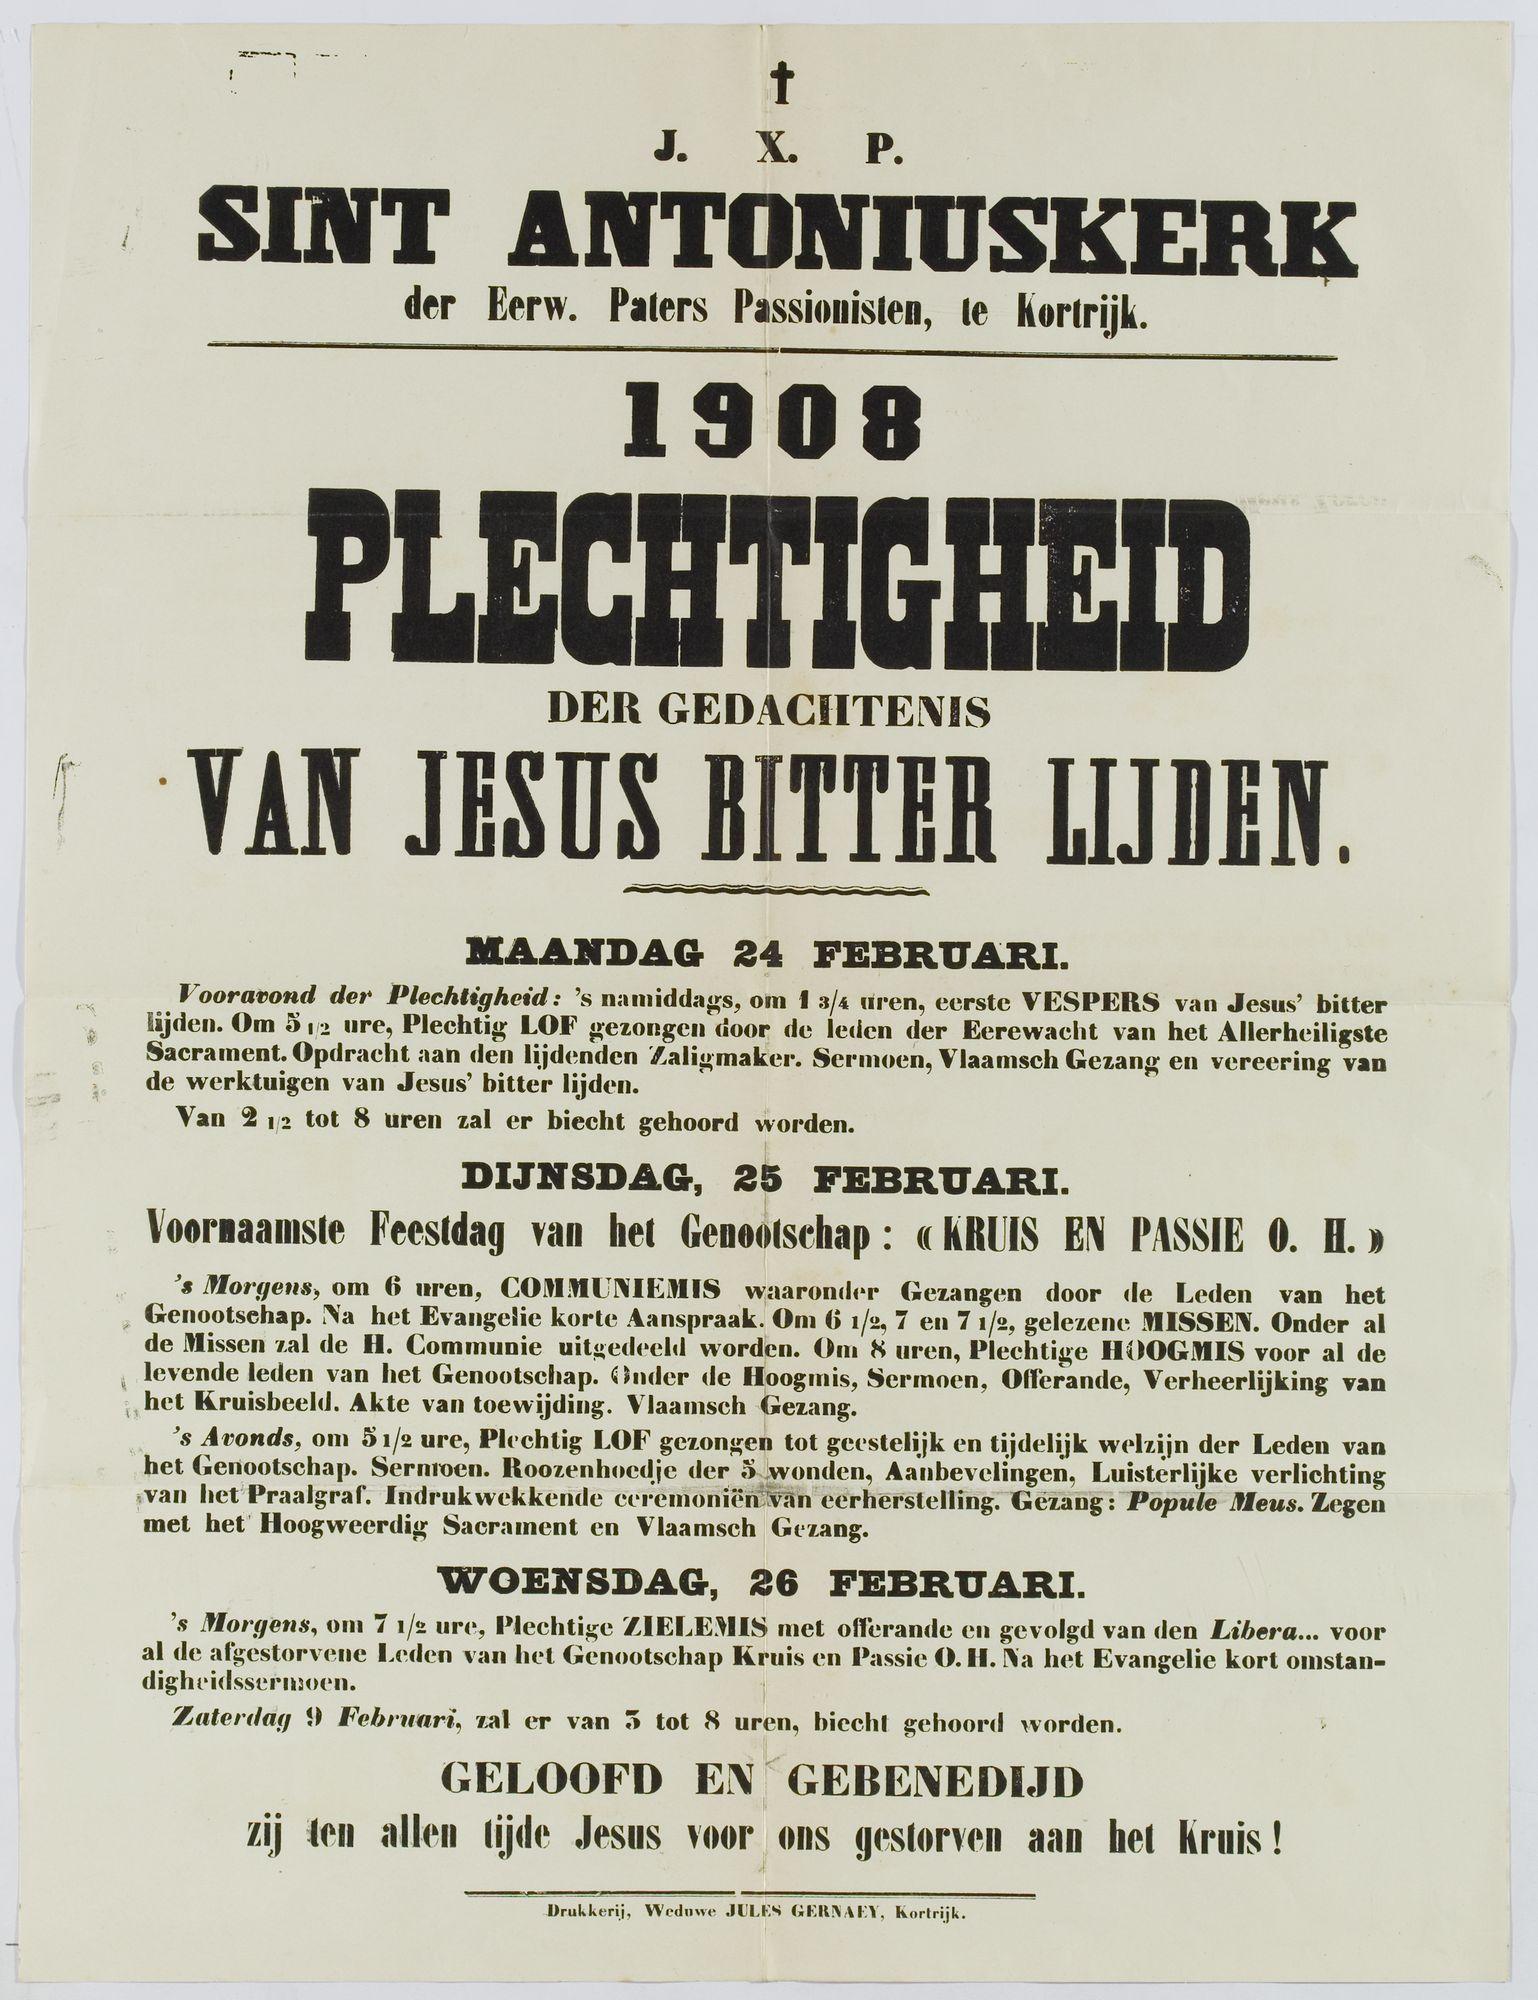 Plechtigheden Sint-Antoniuskerk 1908